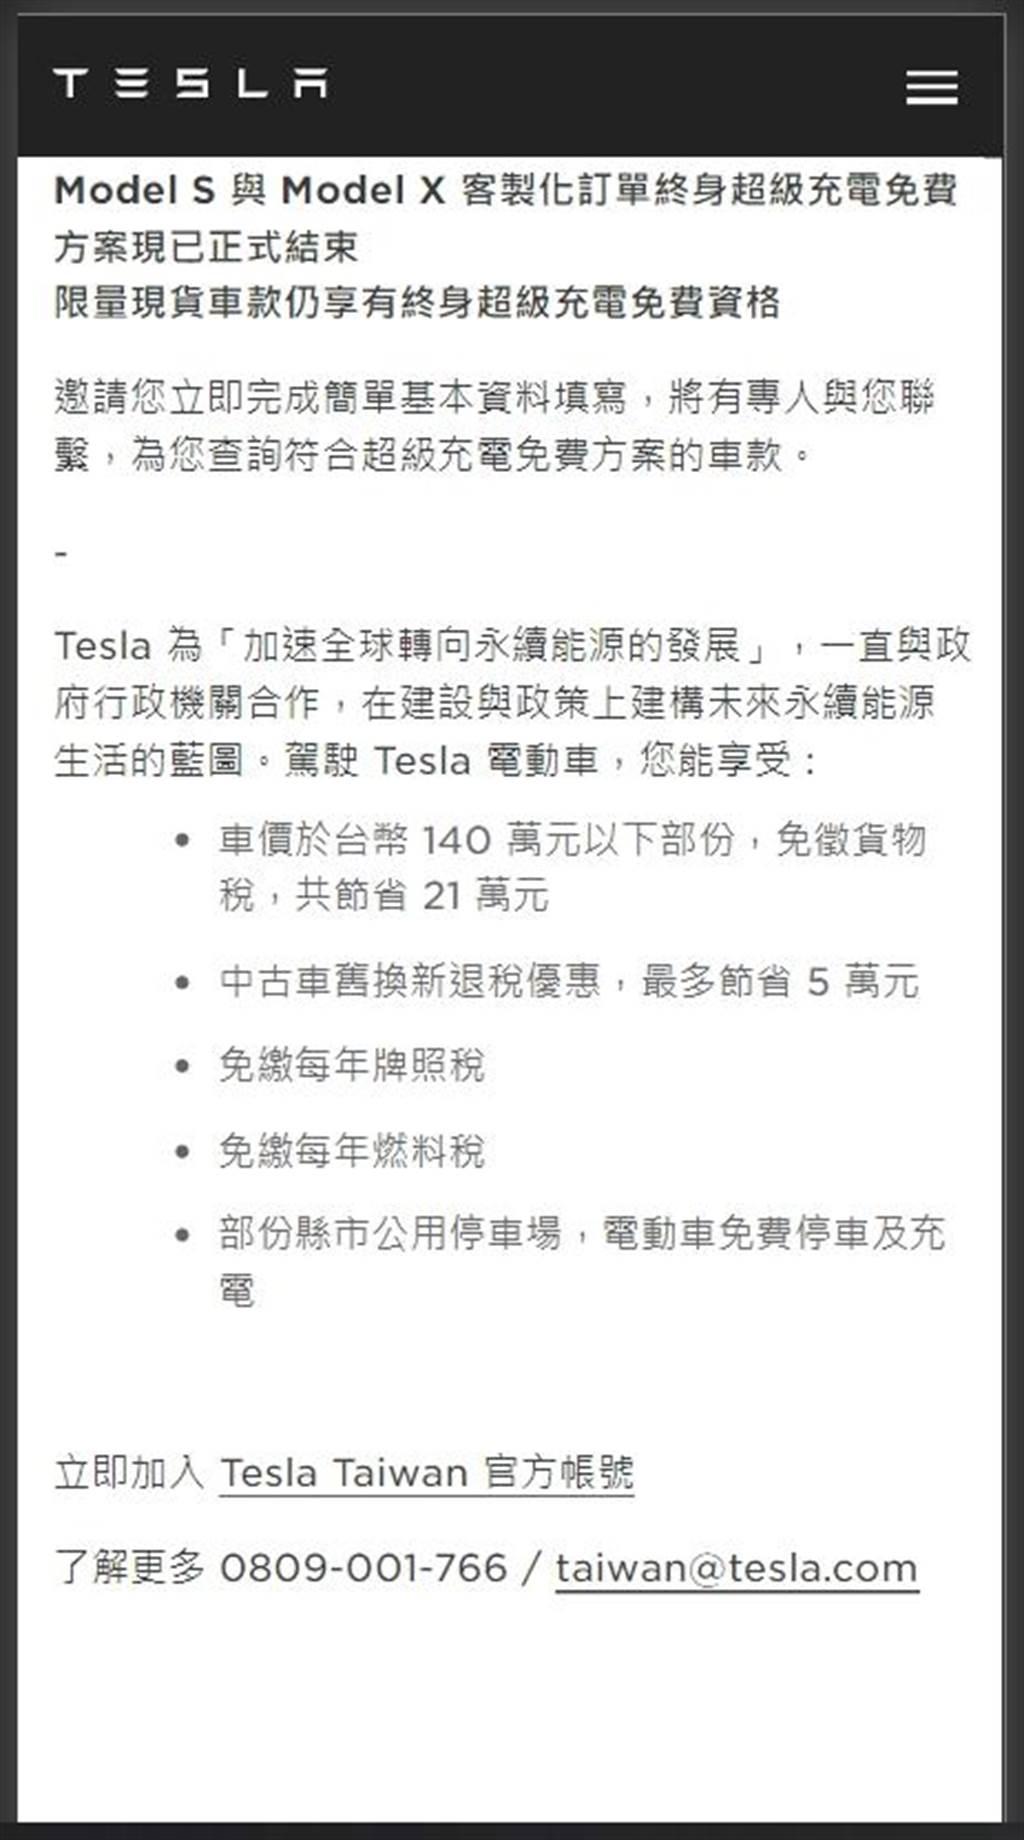 最後機會!台灣特斯拉限量現貨車 Model X / S 仍享終身免費超充資格